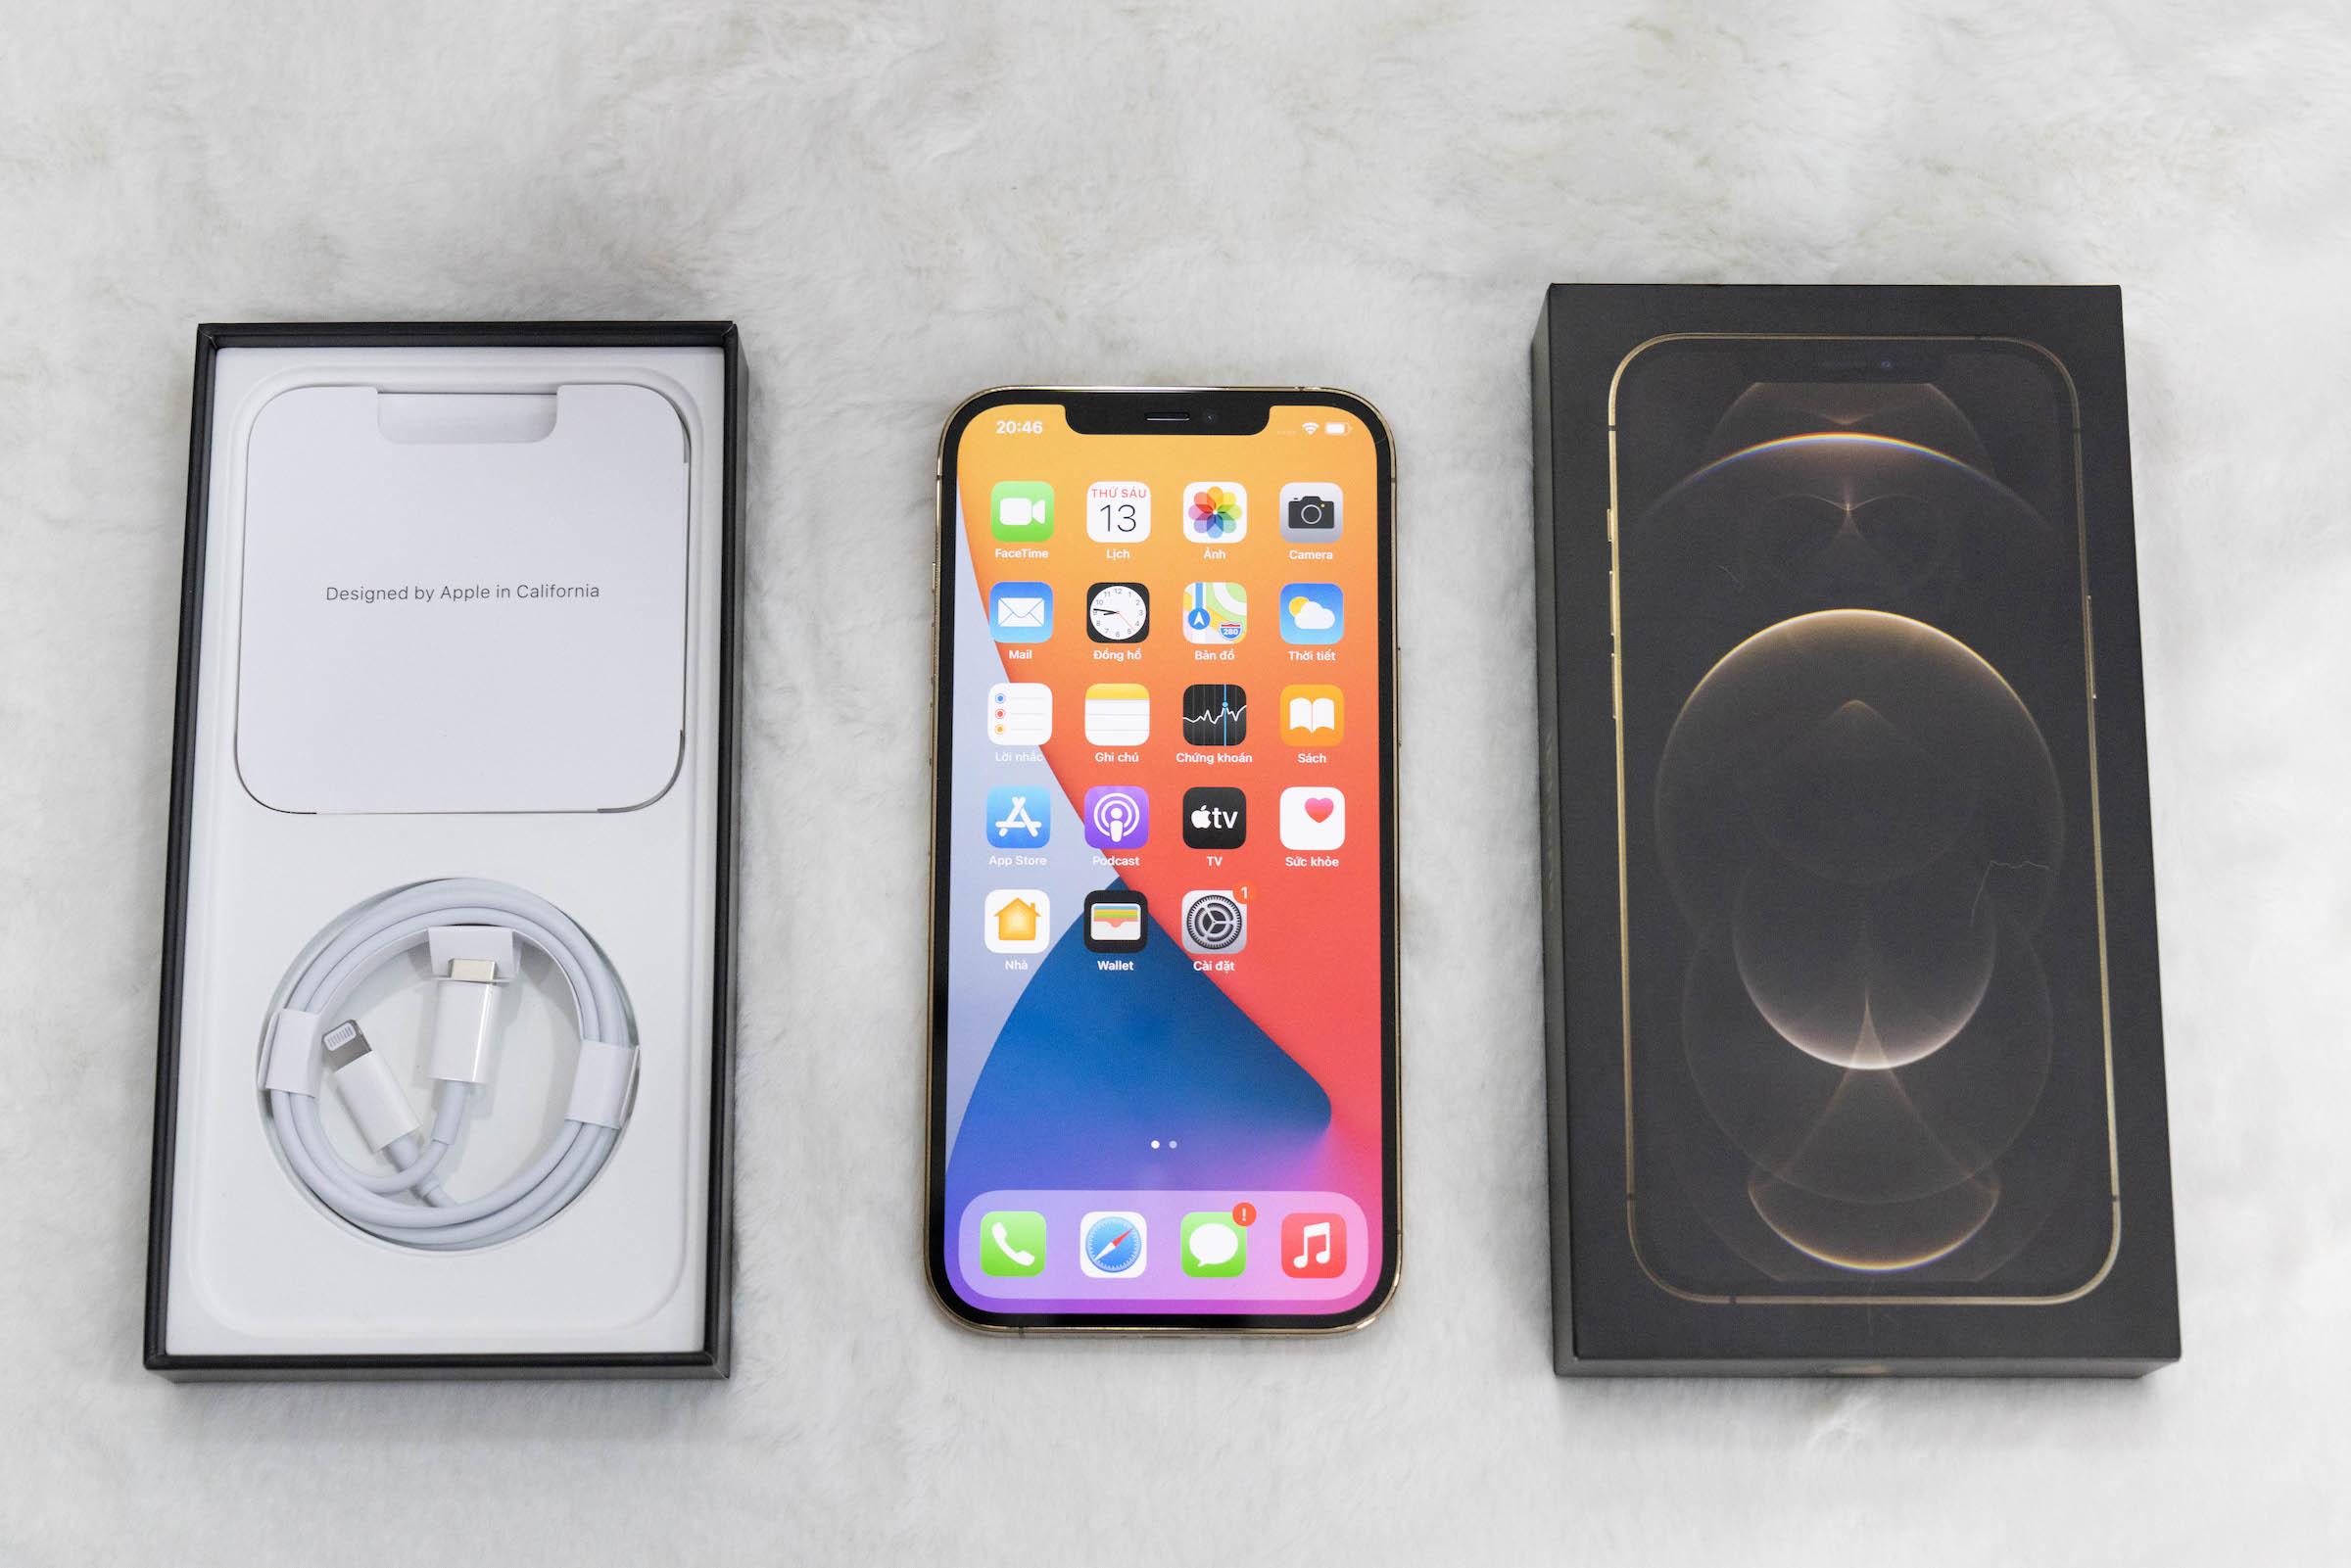 iPhone 12 Pro Max từng liên tục đạt doanh số cao tại Việt Nam trong nửa đầu năm 2021. Ảnh: Huy Đức